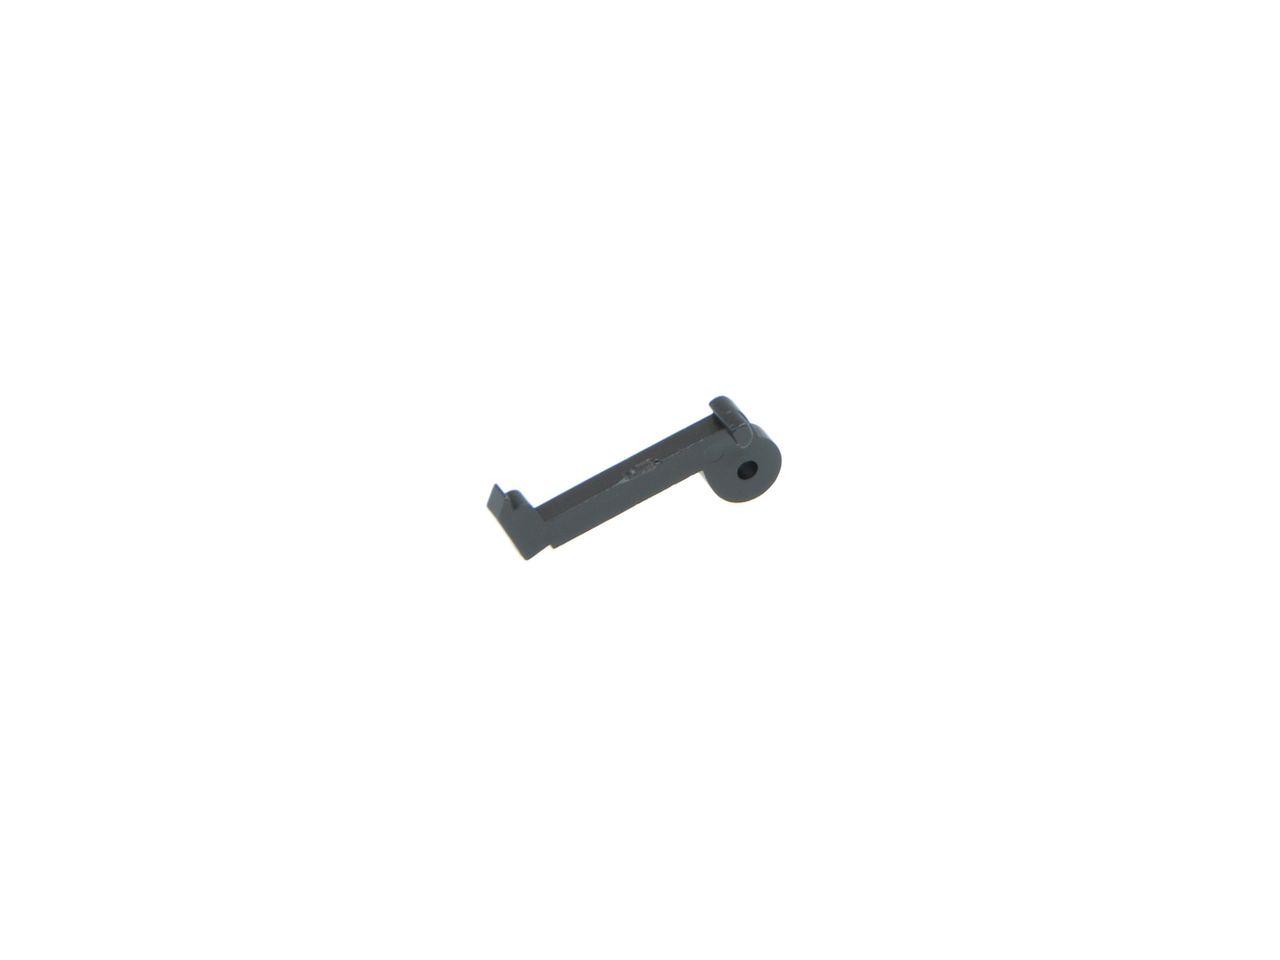 VFC MP5AEGギアボックスパーツ/08-09 バーストコントロールレバー(V0B1GBA060)